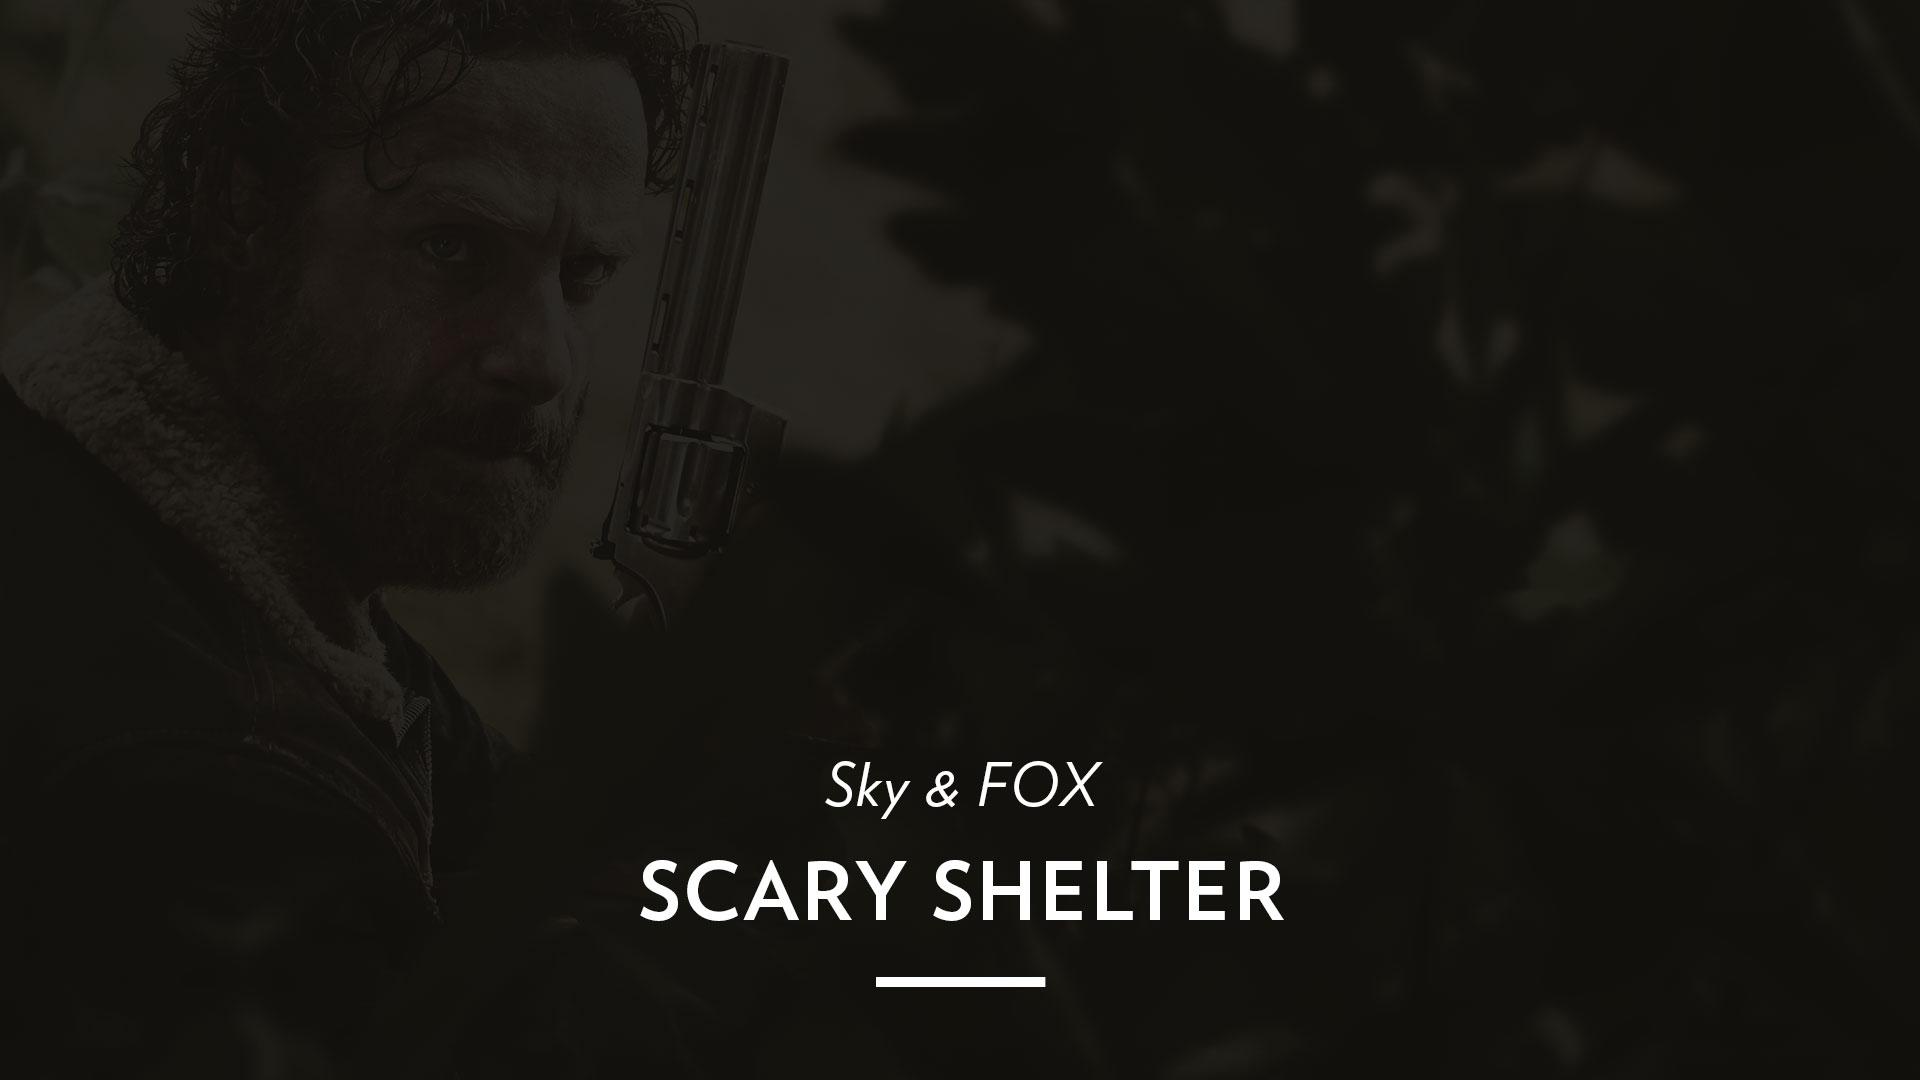 Sky & Fox – Scary Shelter